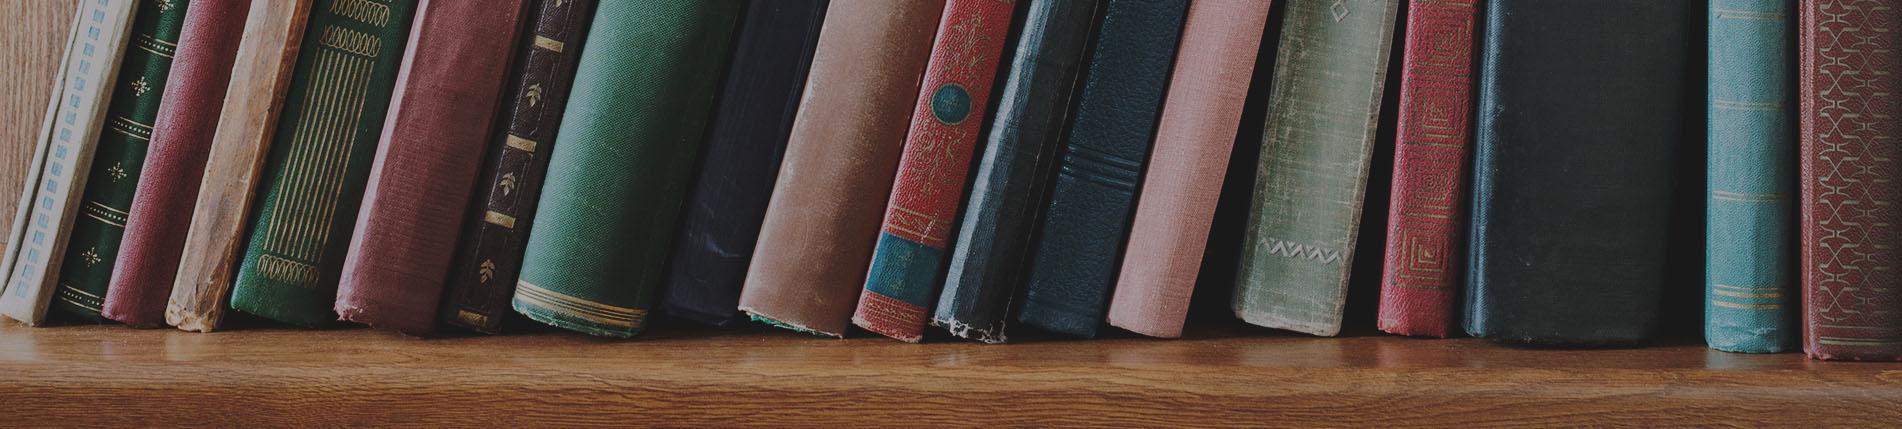 Kirjat ja lehdet